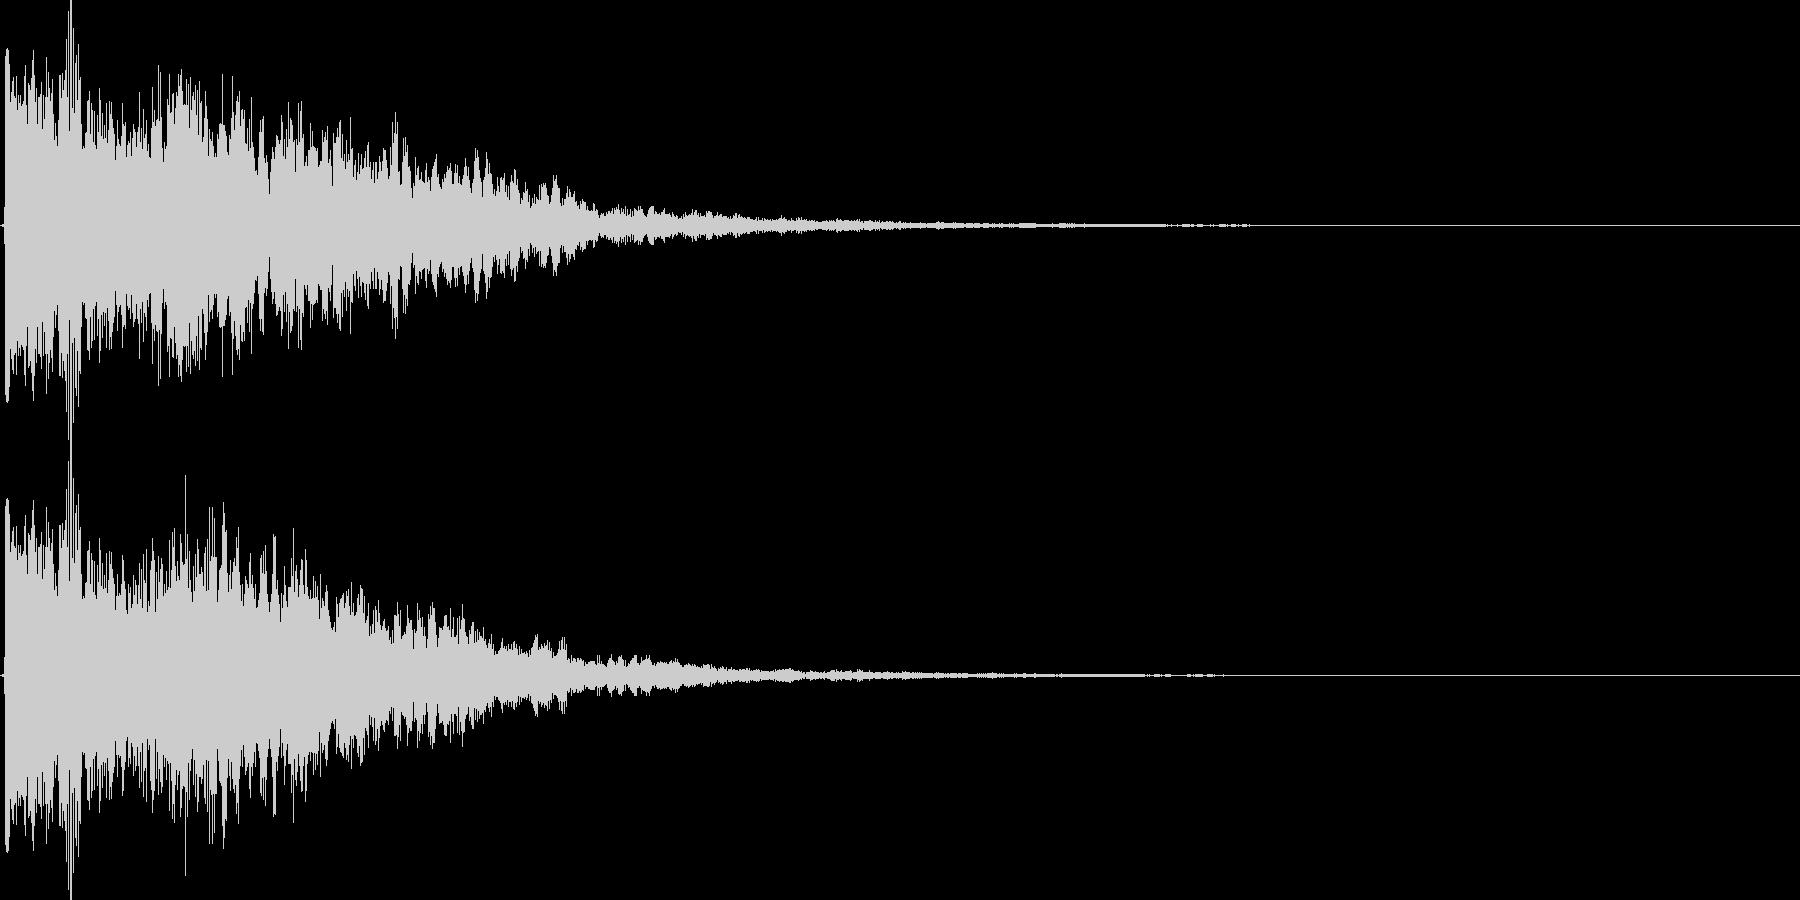 カラーン(鐘、ゲーム、アプリ、起動音等)の未再生の波形